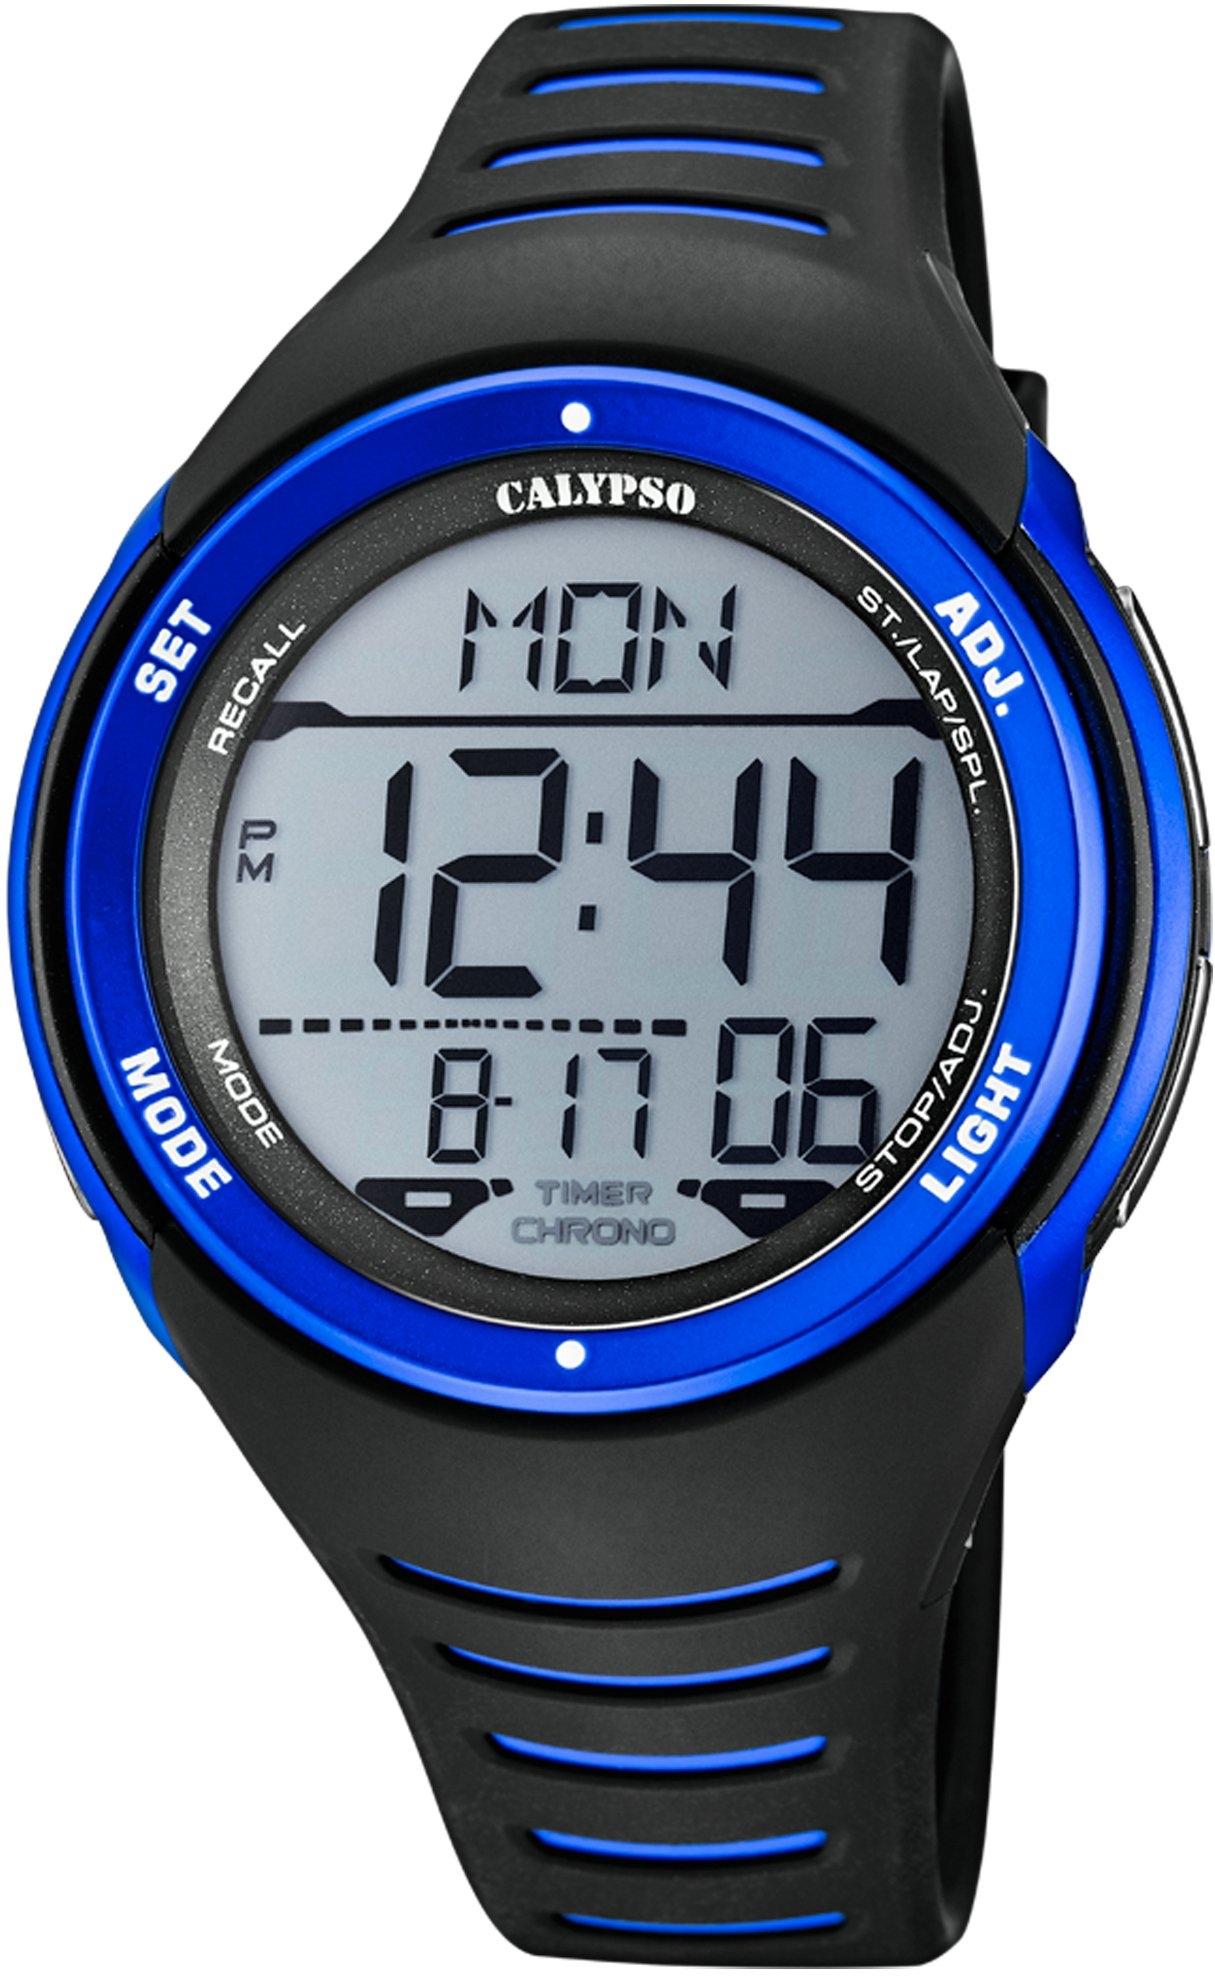 CALYPSO WATCHES Chronograaf Color Splash, K5807/4 in de webshop van OTTO kopen